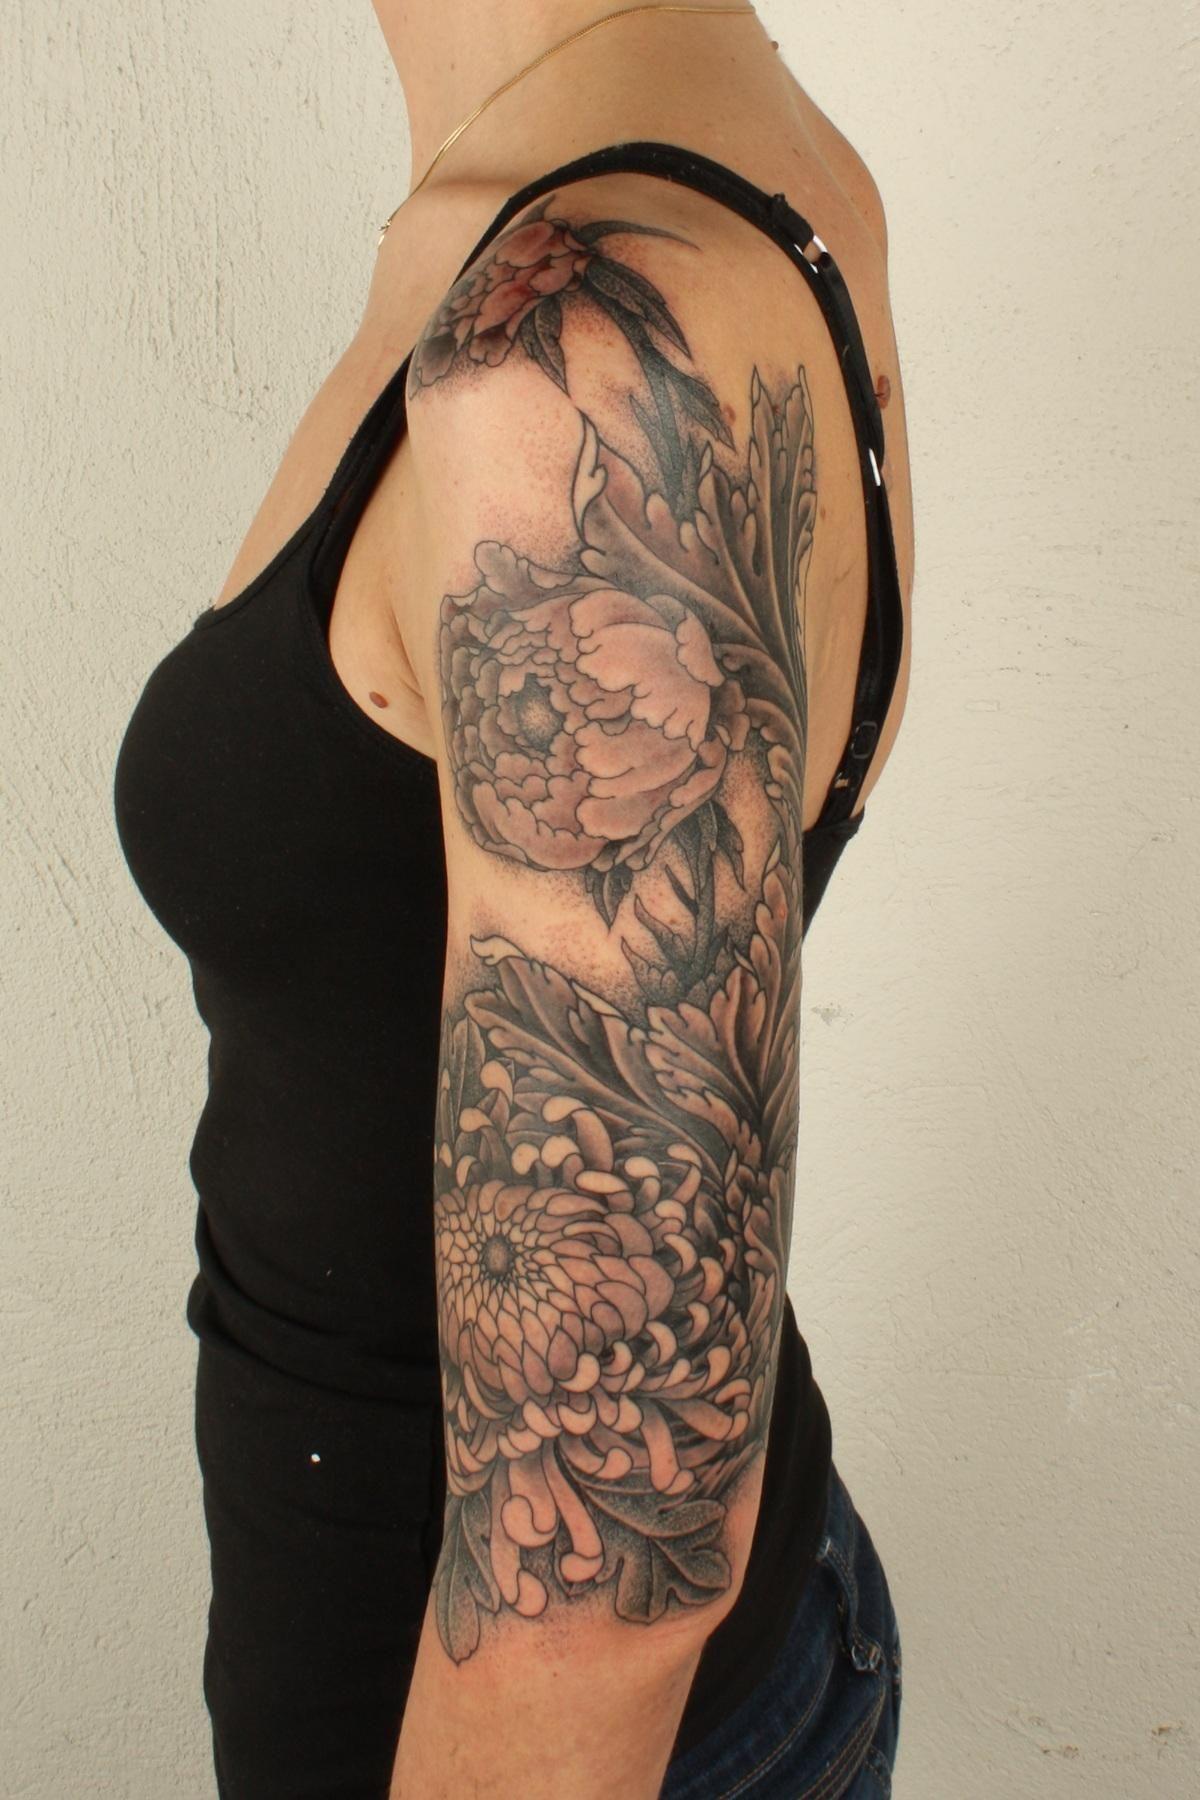 Leeslittlewonderland meaningful tattoos good ideas - Tattoo Ink